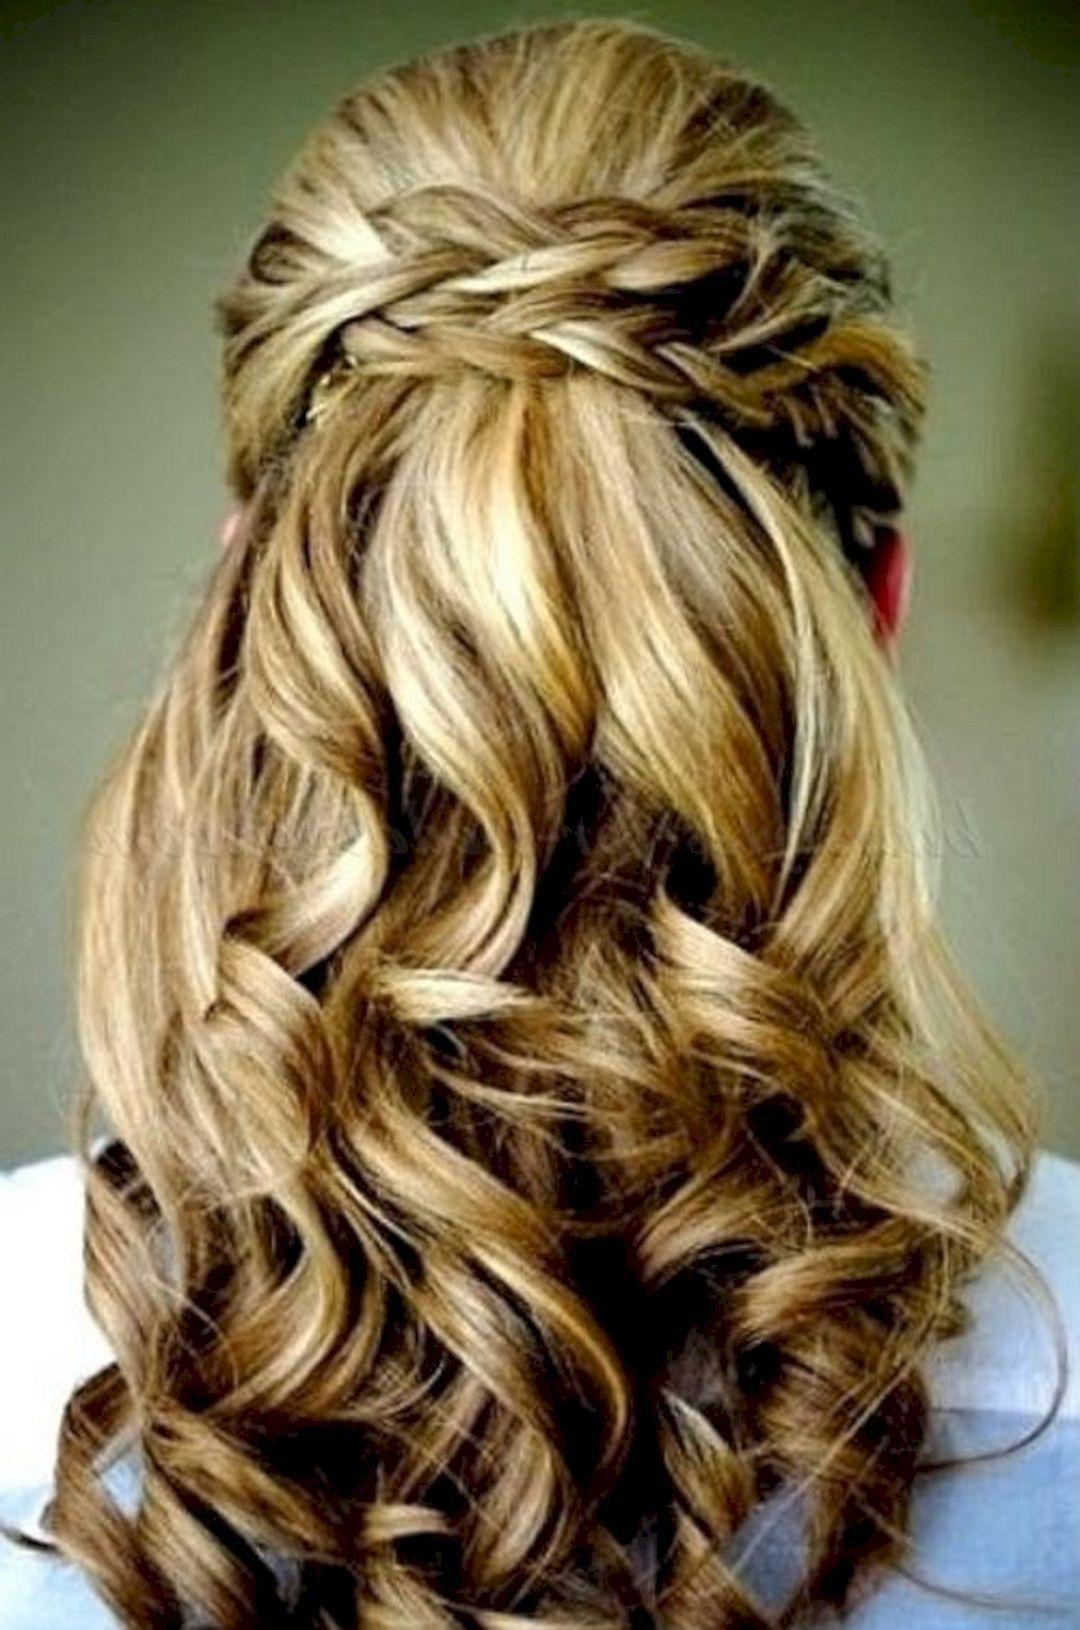 Stunning half up half down wedding hairstyles ideas no wedding